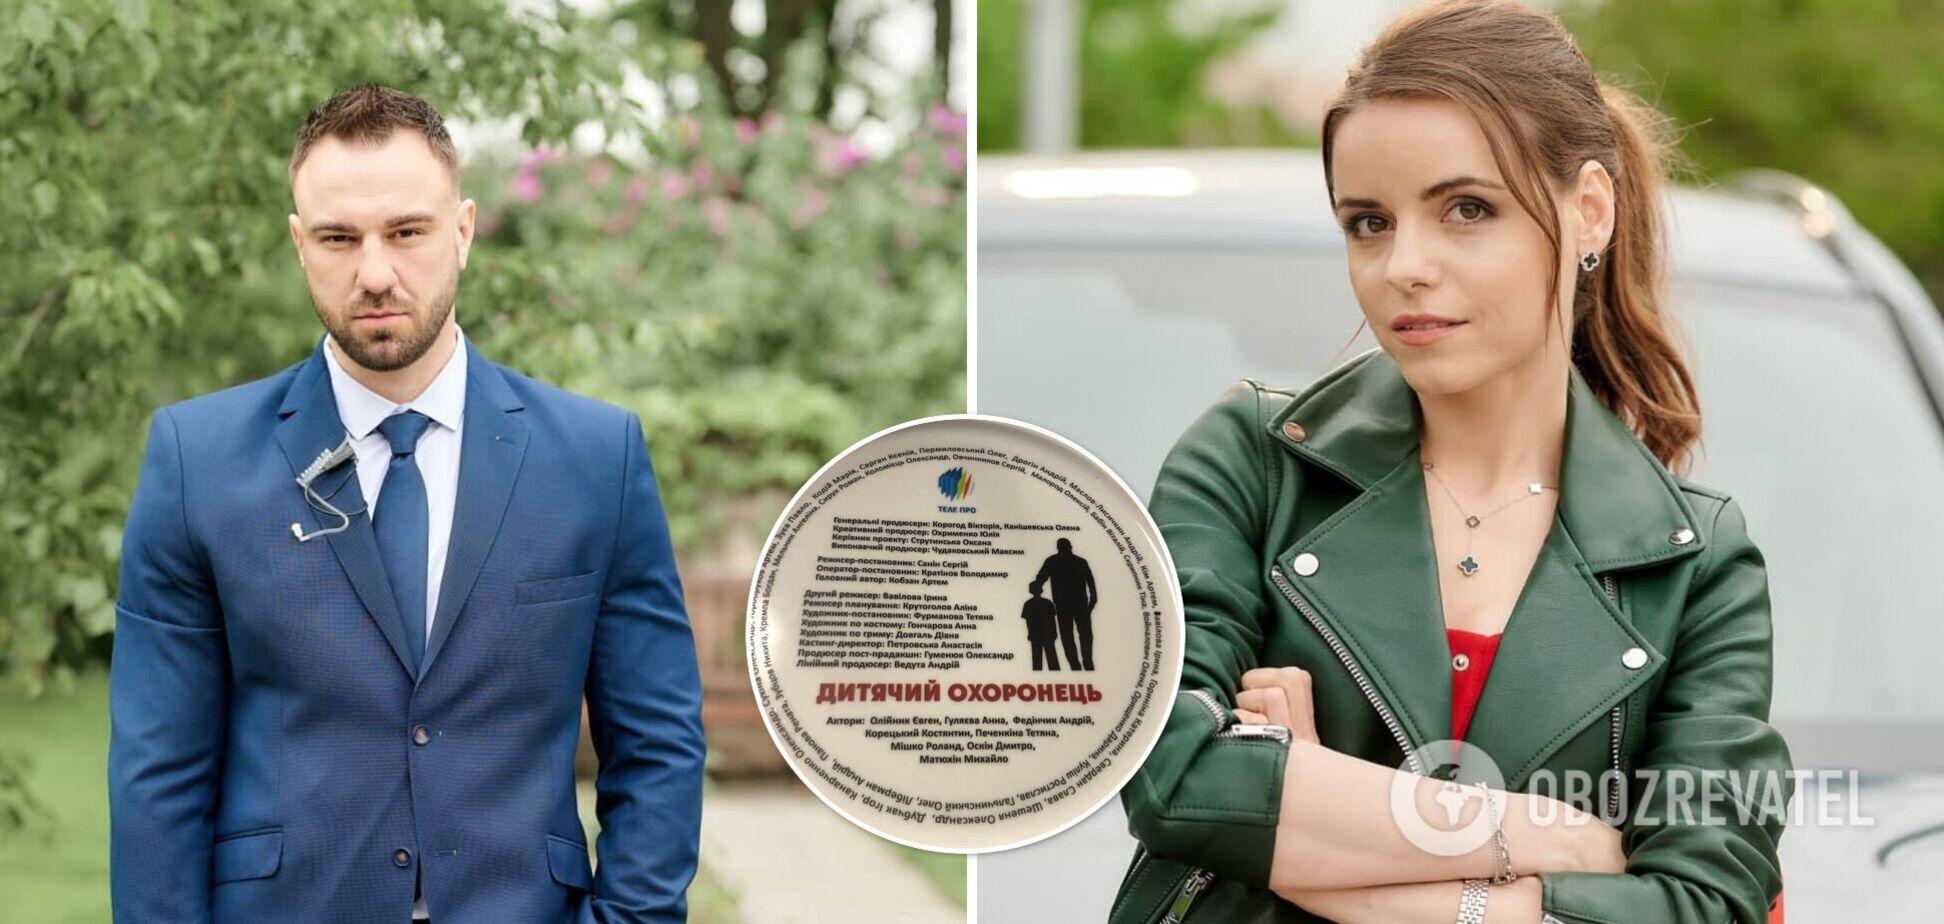 Украинцам покажут комедийный детектив 'Детский телохранитель': о чем сериал